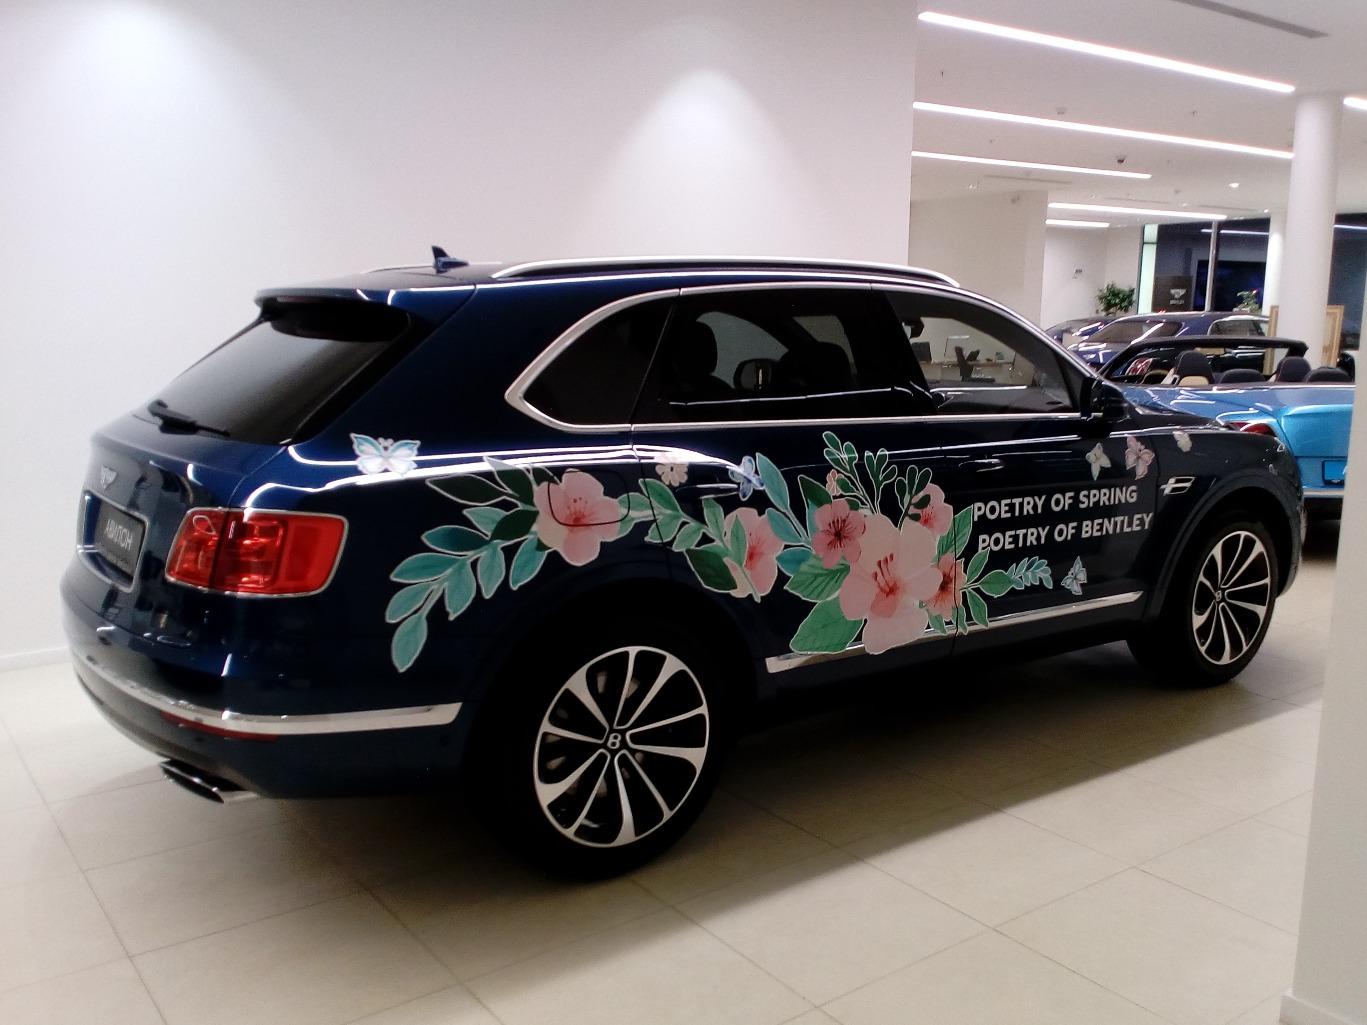 Брендирование автомобилей в Москве недорого, оклеить авто рекламой